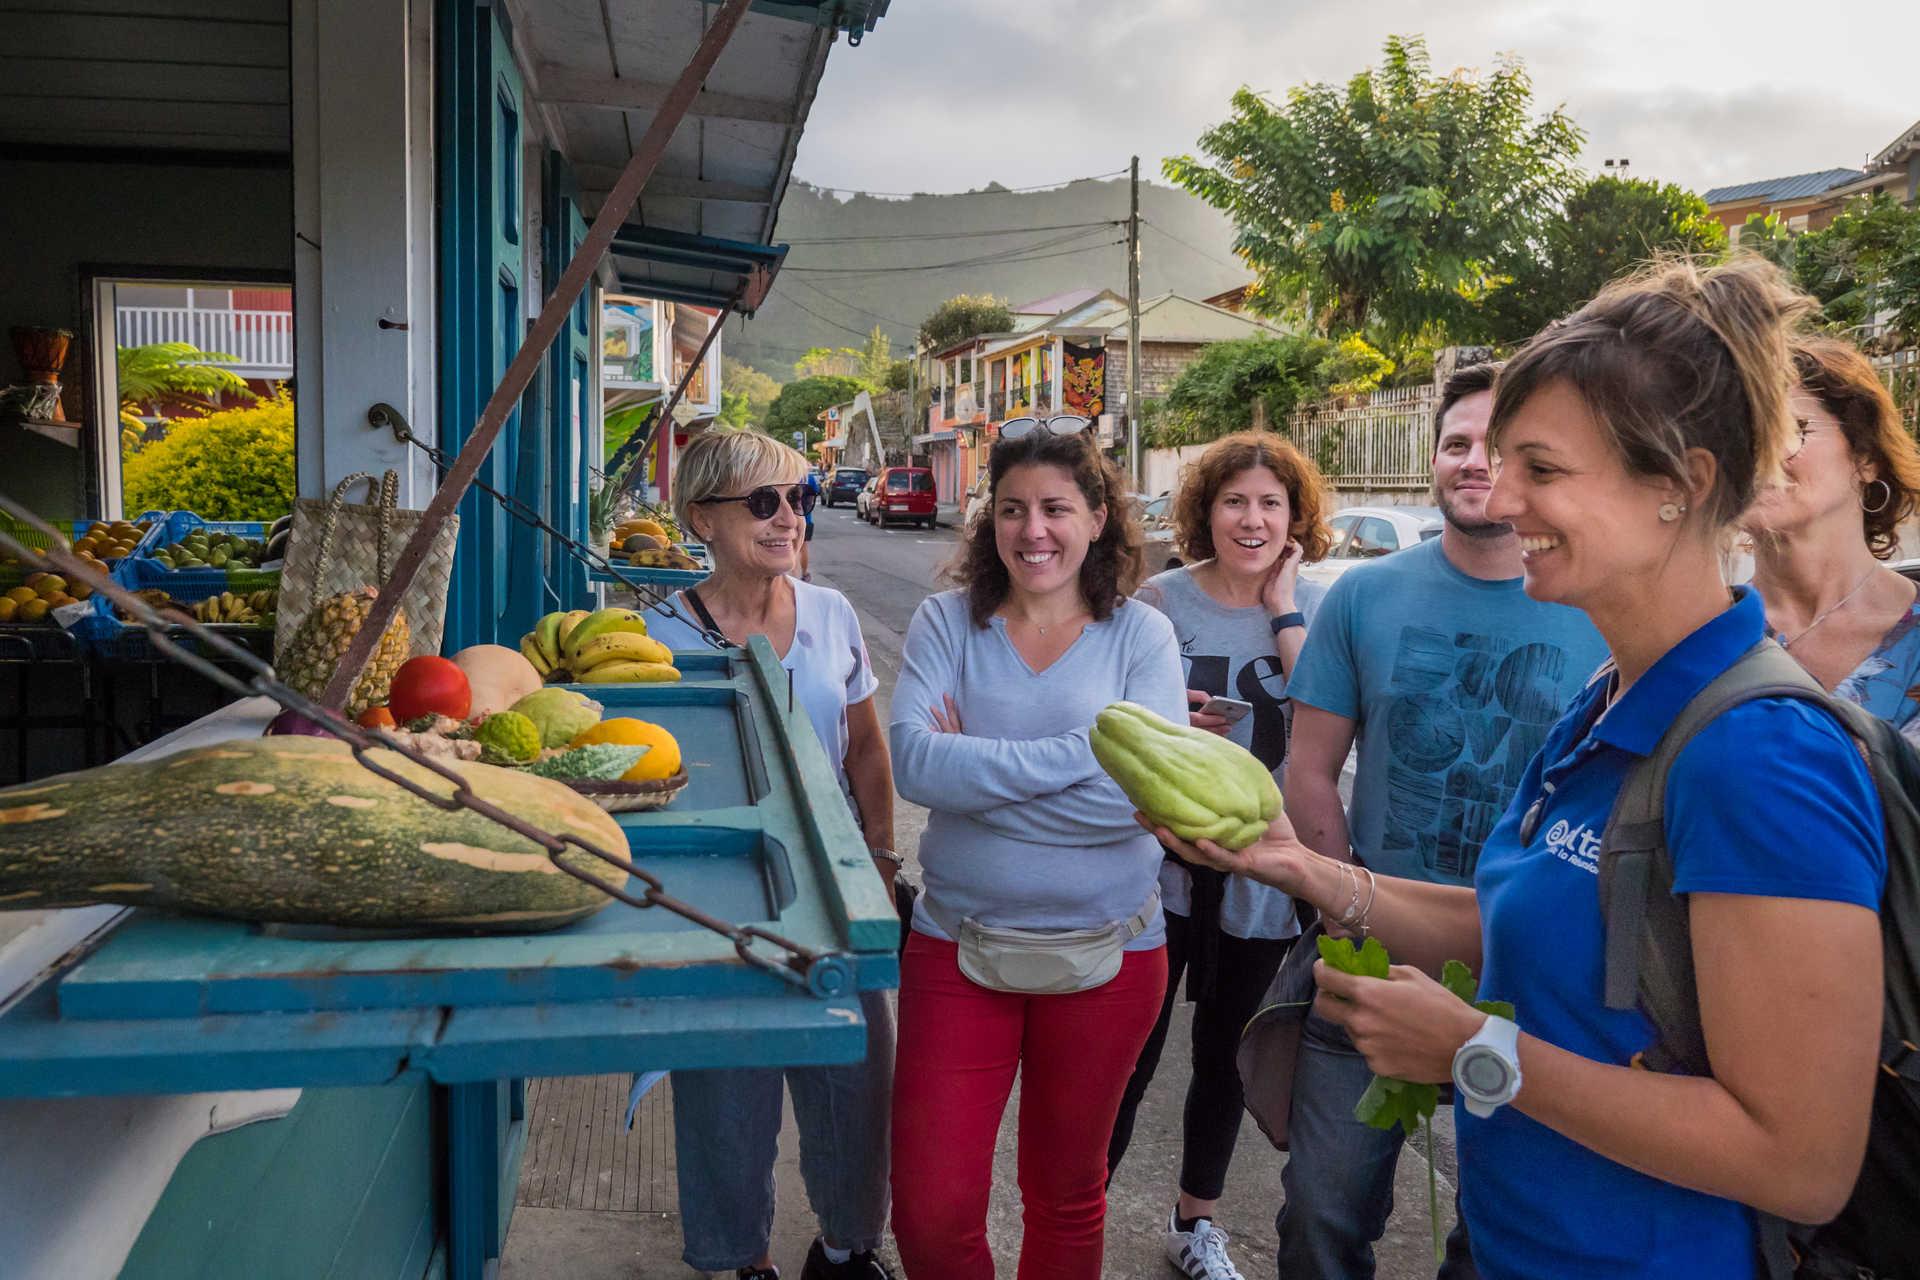 Achat de fruits au marché